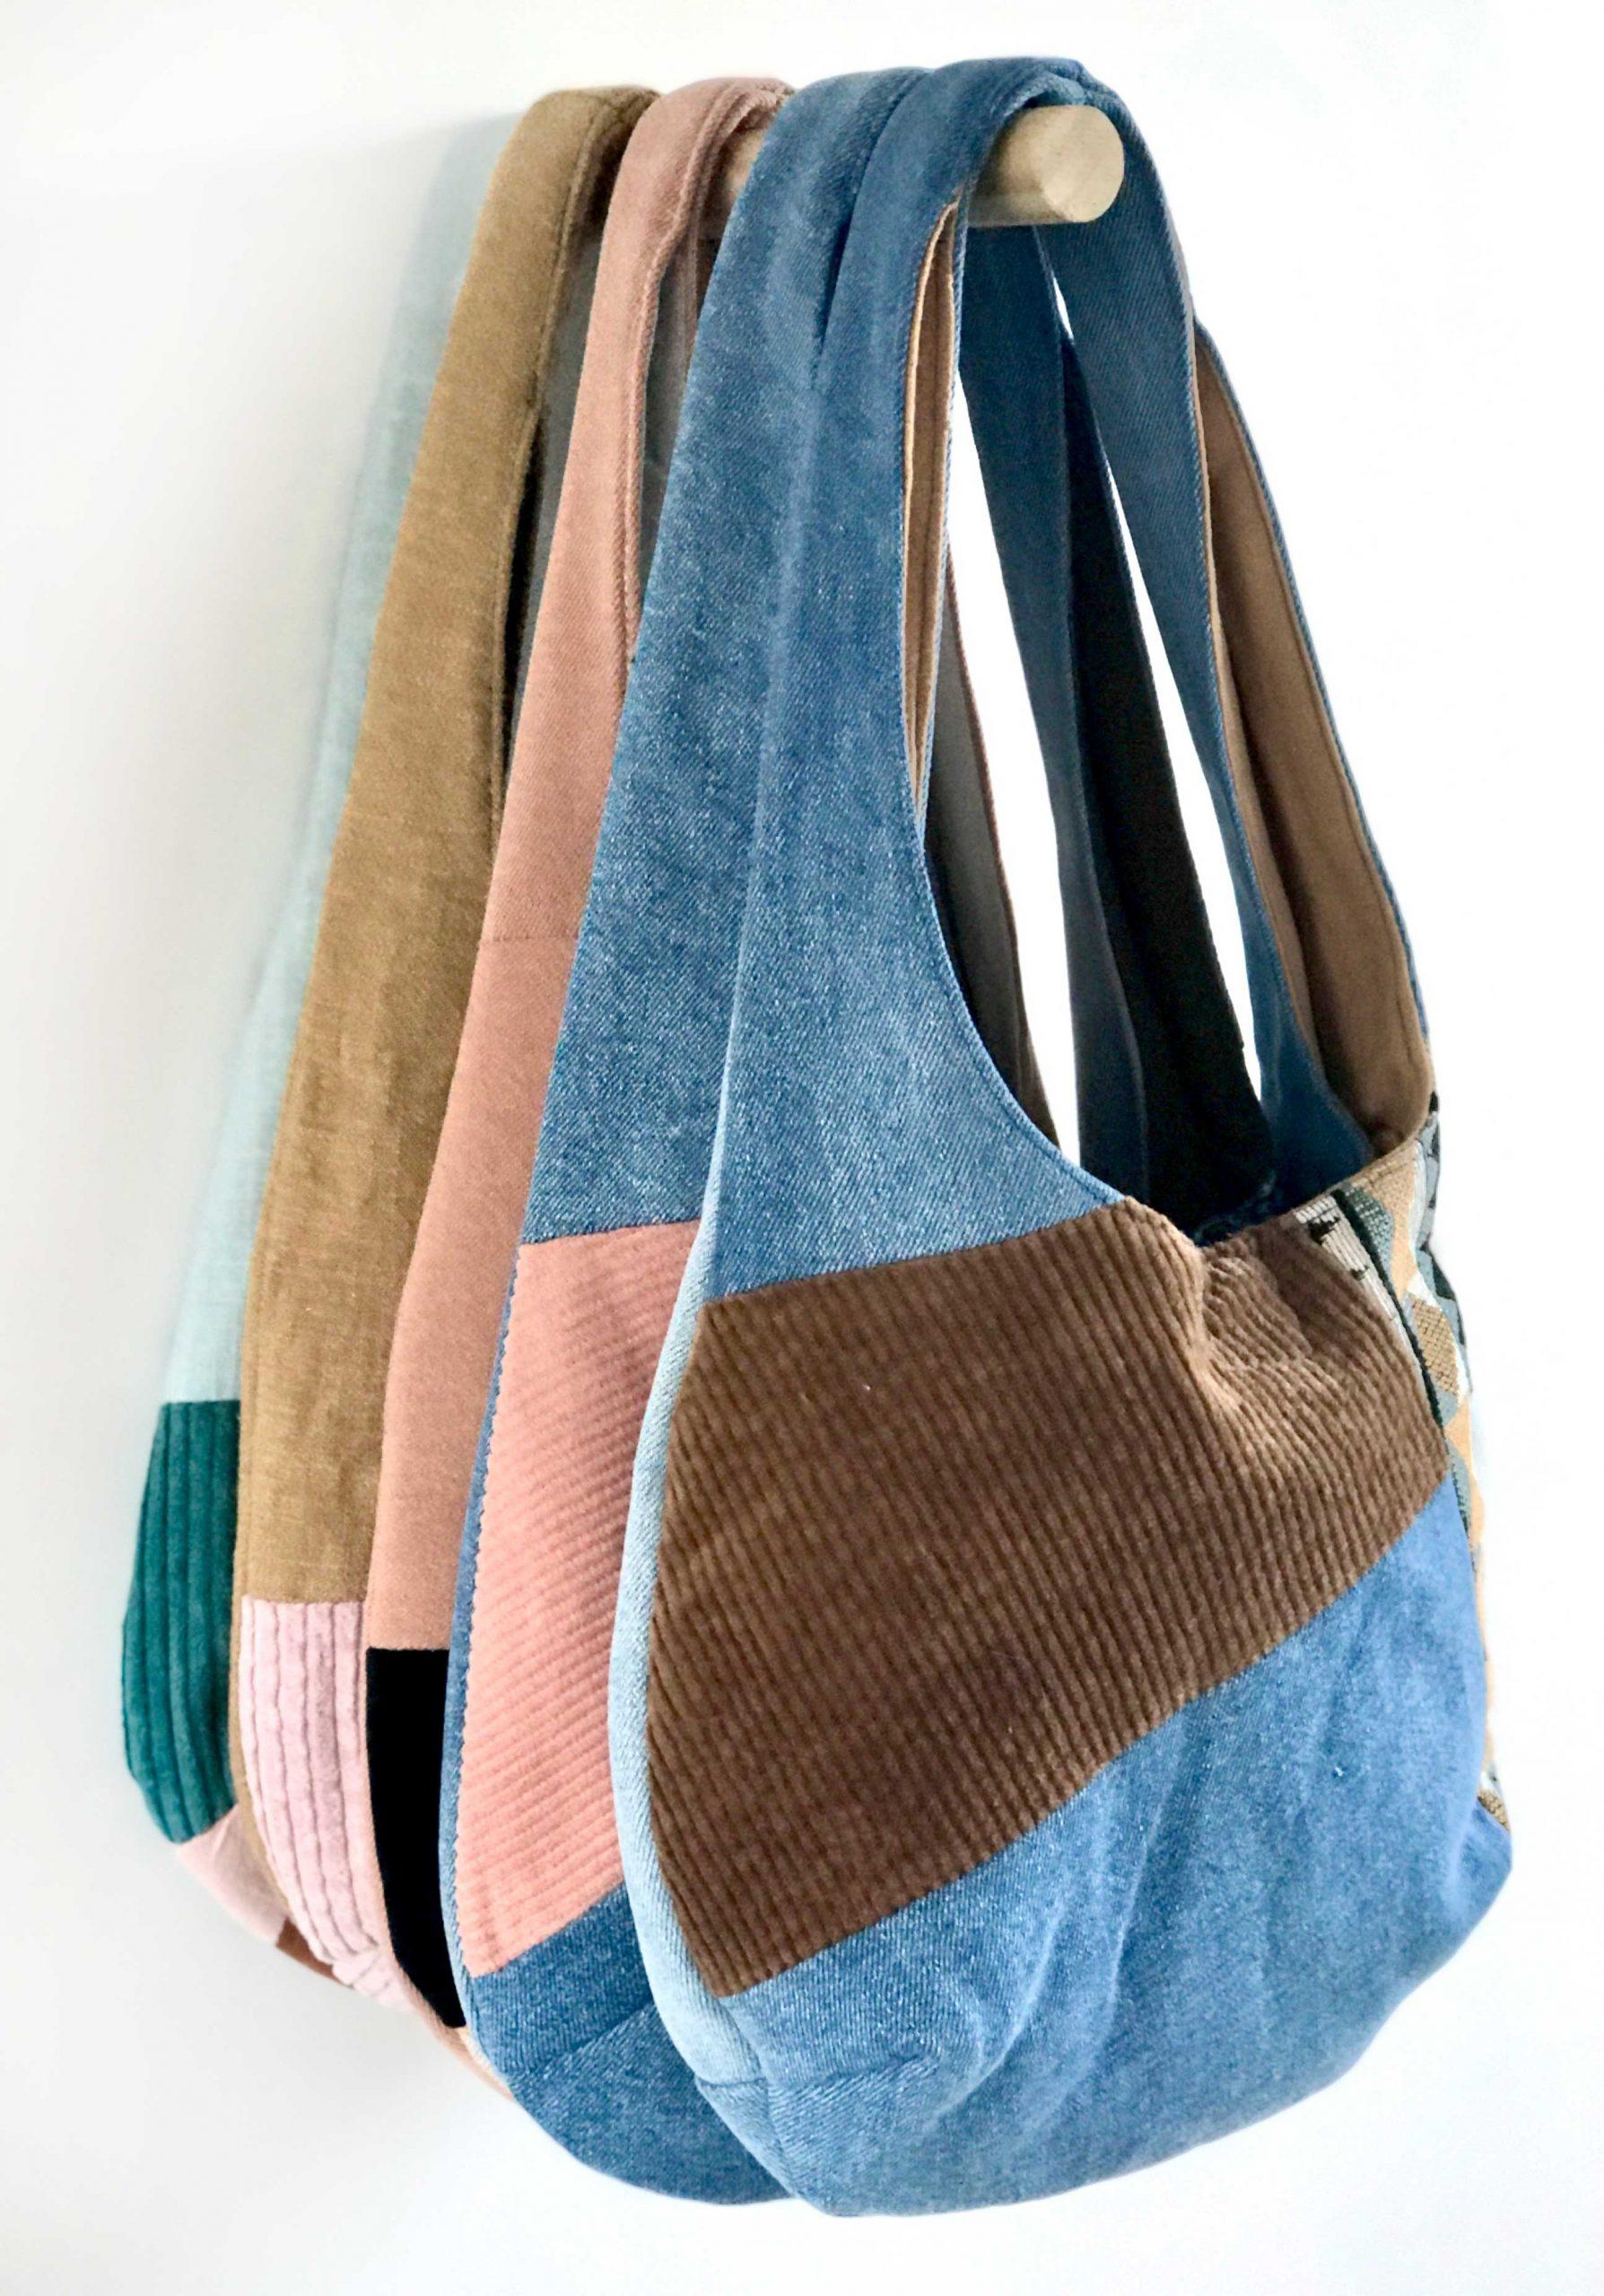 Schoudertasjes in verschillende kleuren en materialen